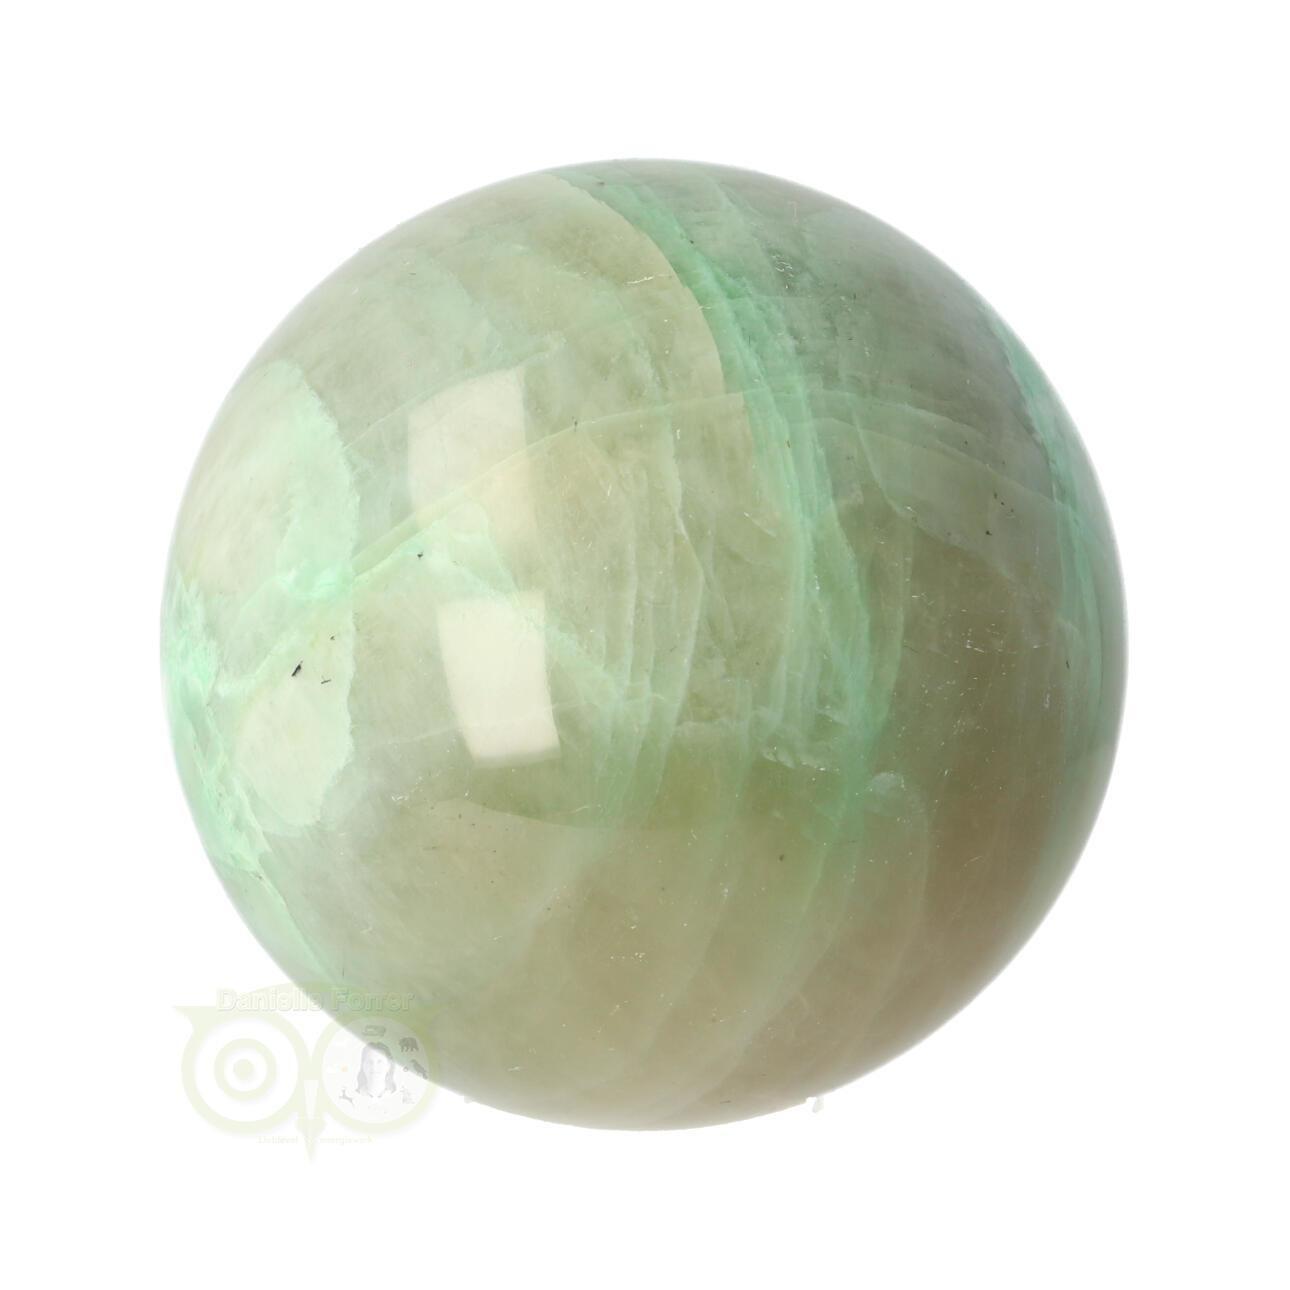 Groen maansteen kopen | Edelstenen Webwinkel - Webshop Danielle Forrer